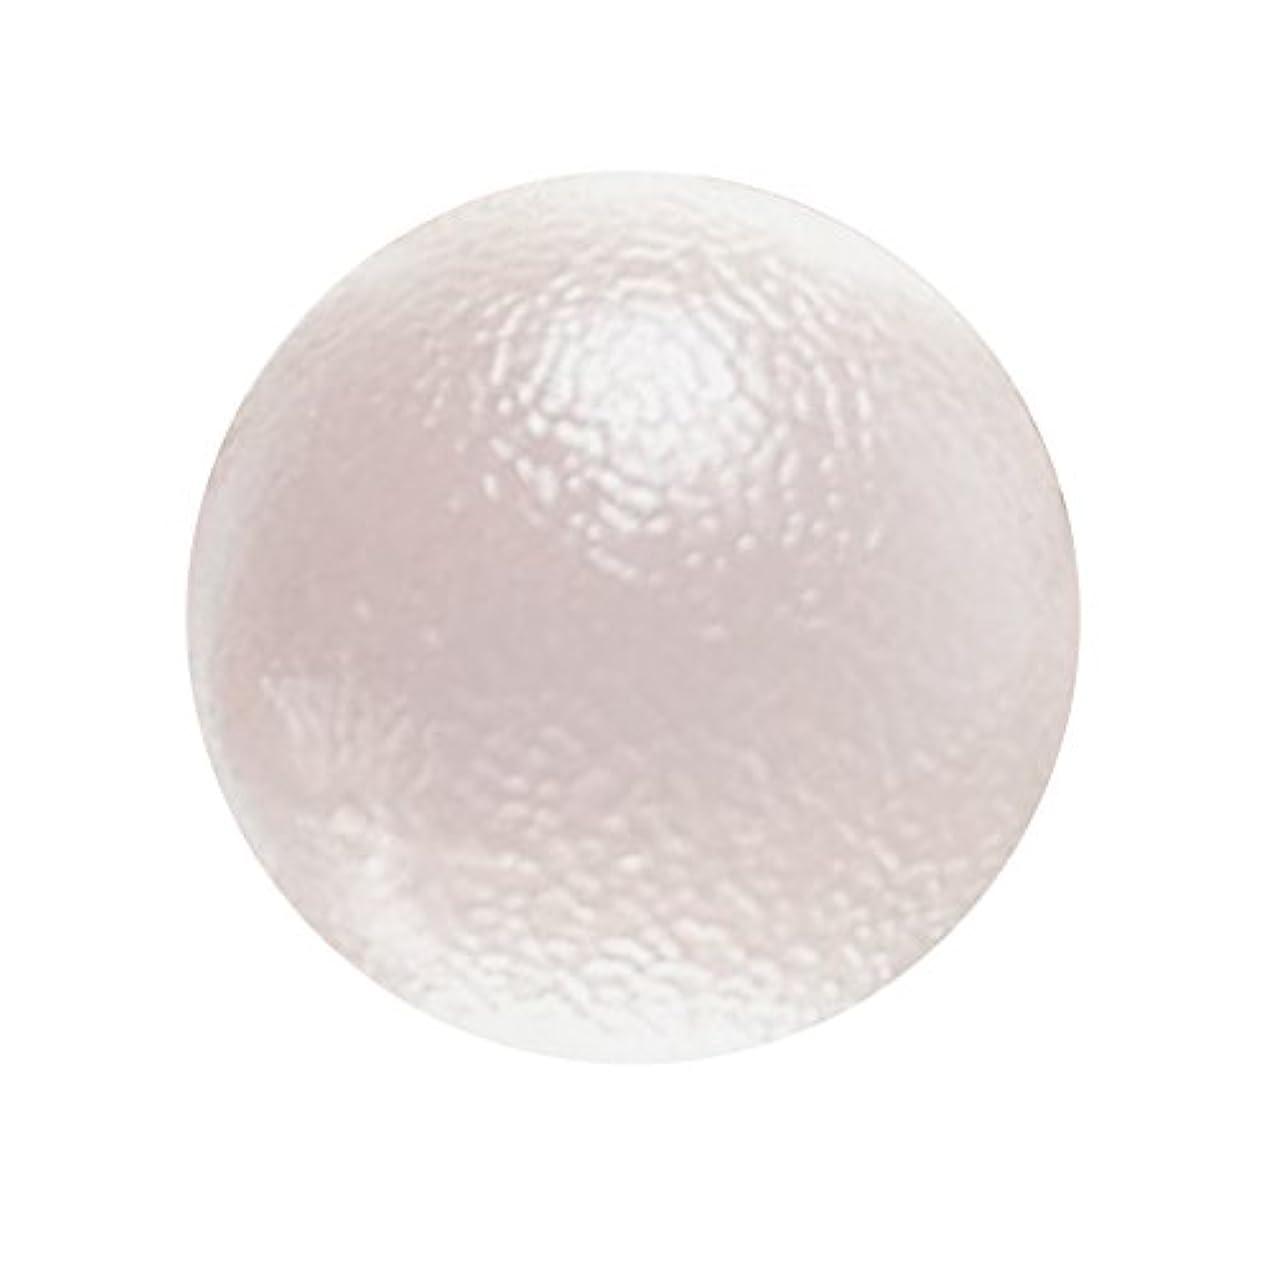 スペル社員置くためにパックFenteer グリップボール 手のひら運動 ボール エクササイザ ポケットサイズ 持ち運びに便利 3タイプ選べ - クリアソフト